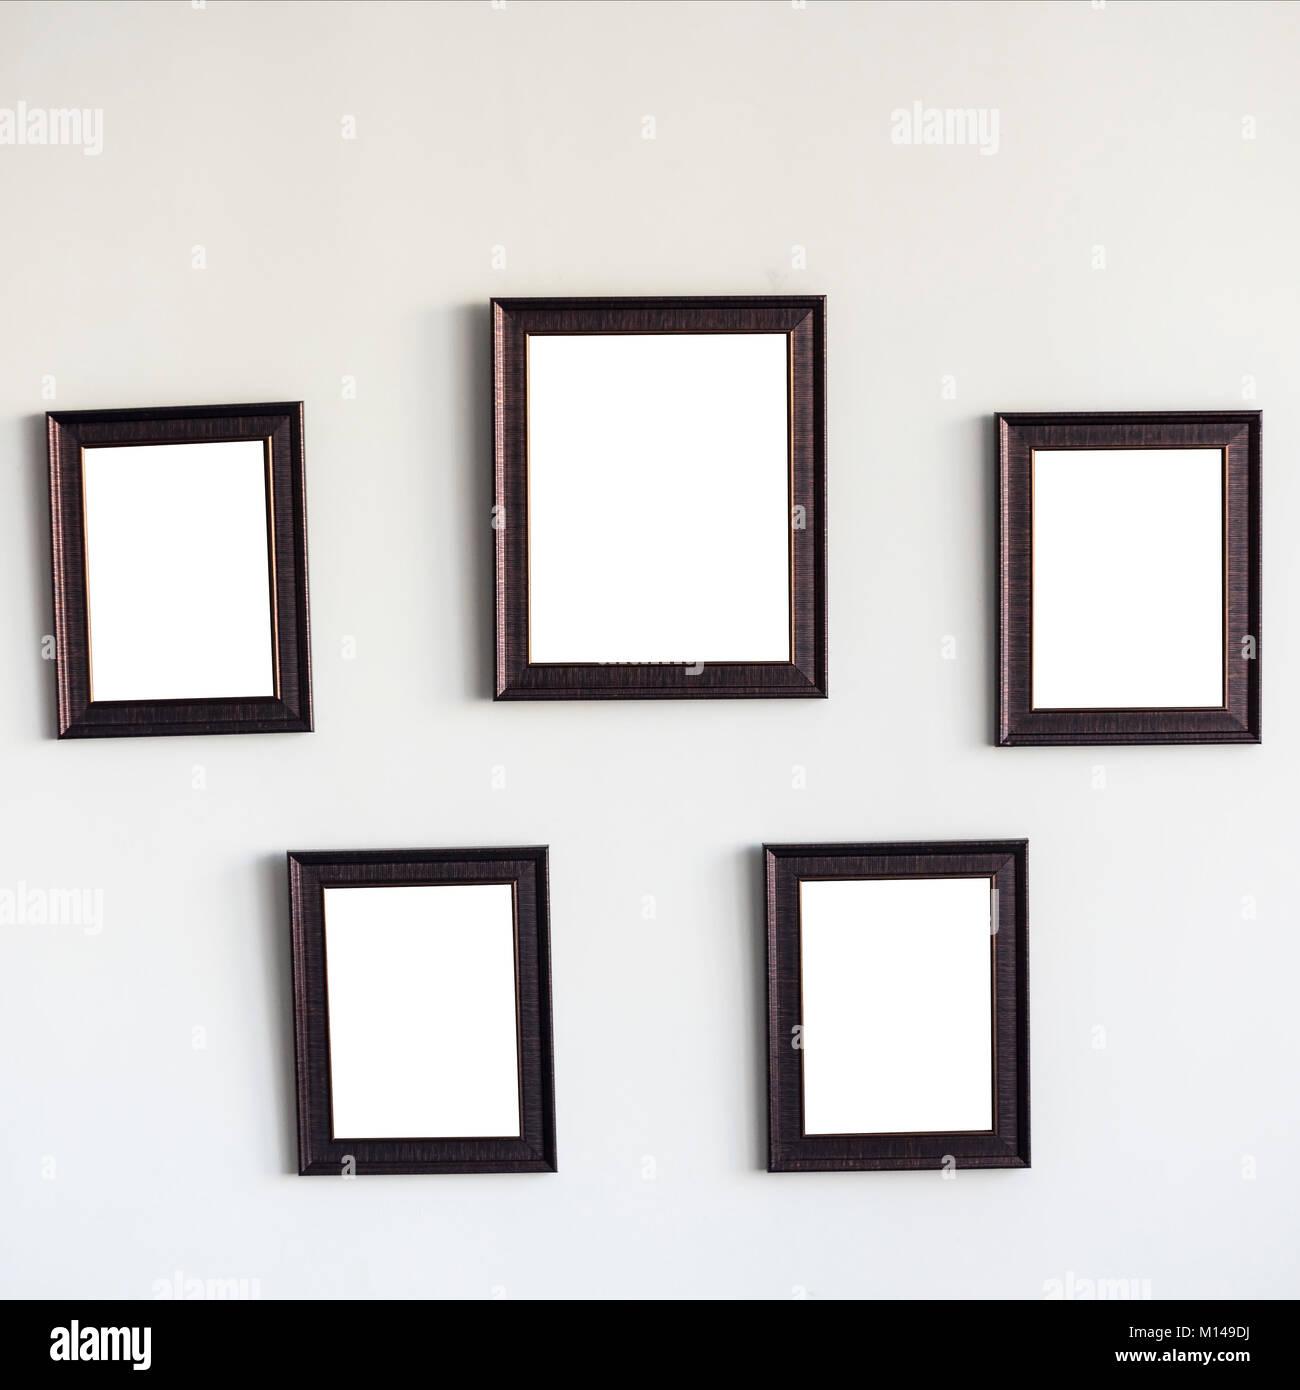 Ungewöhnlich Framing Eine Wand Fotos - Benutzerdefinierte ...